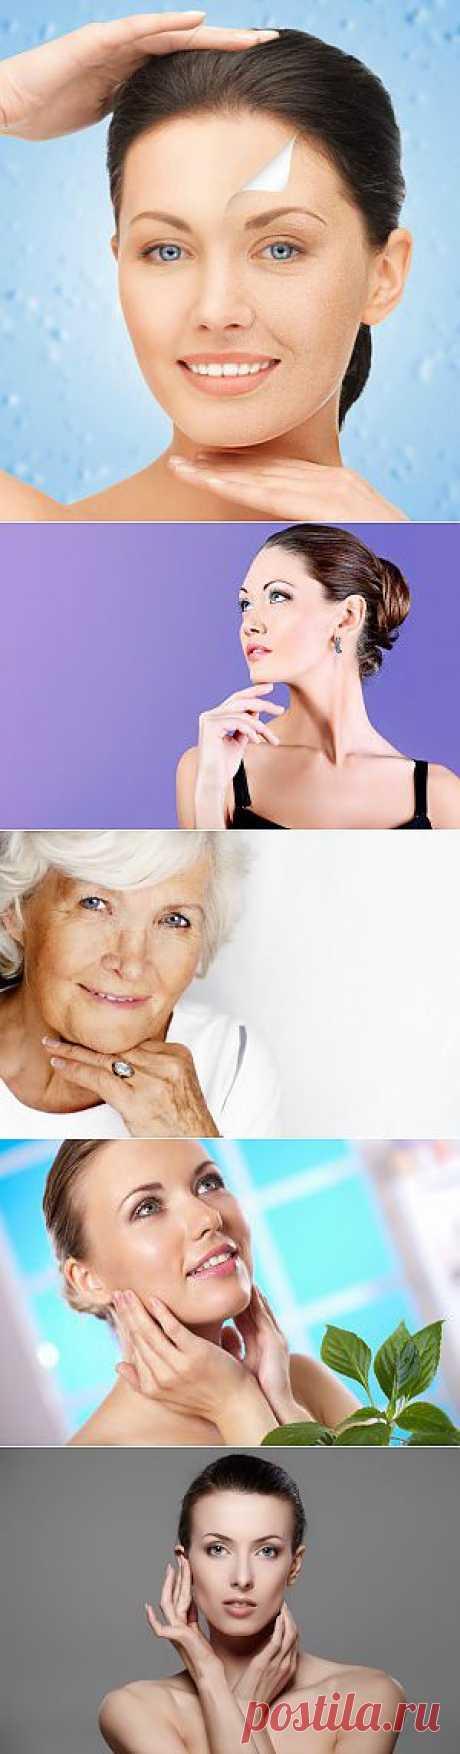 Лучшие советы по борьбе со старением .